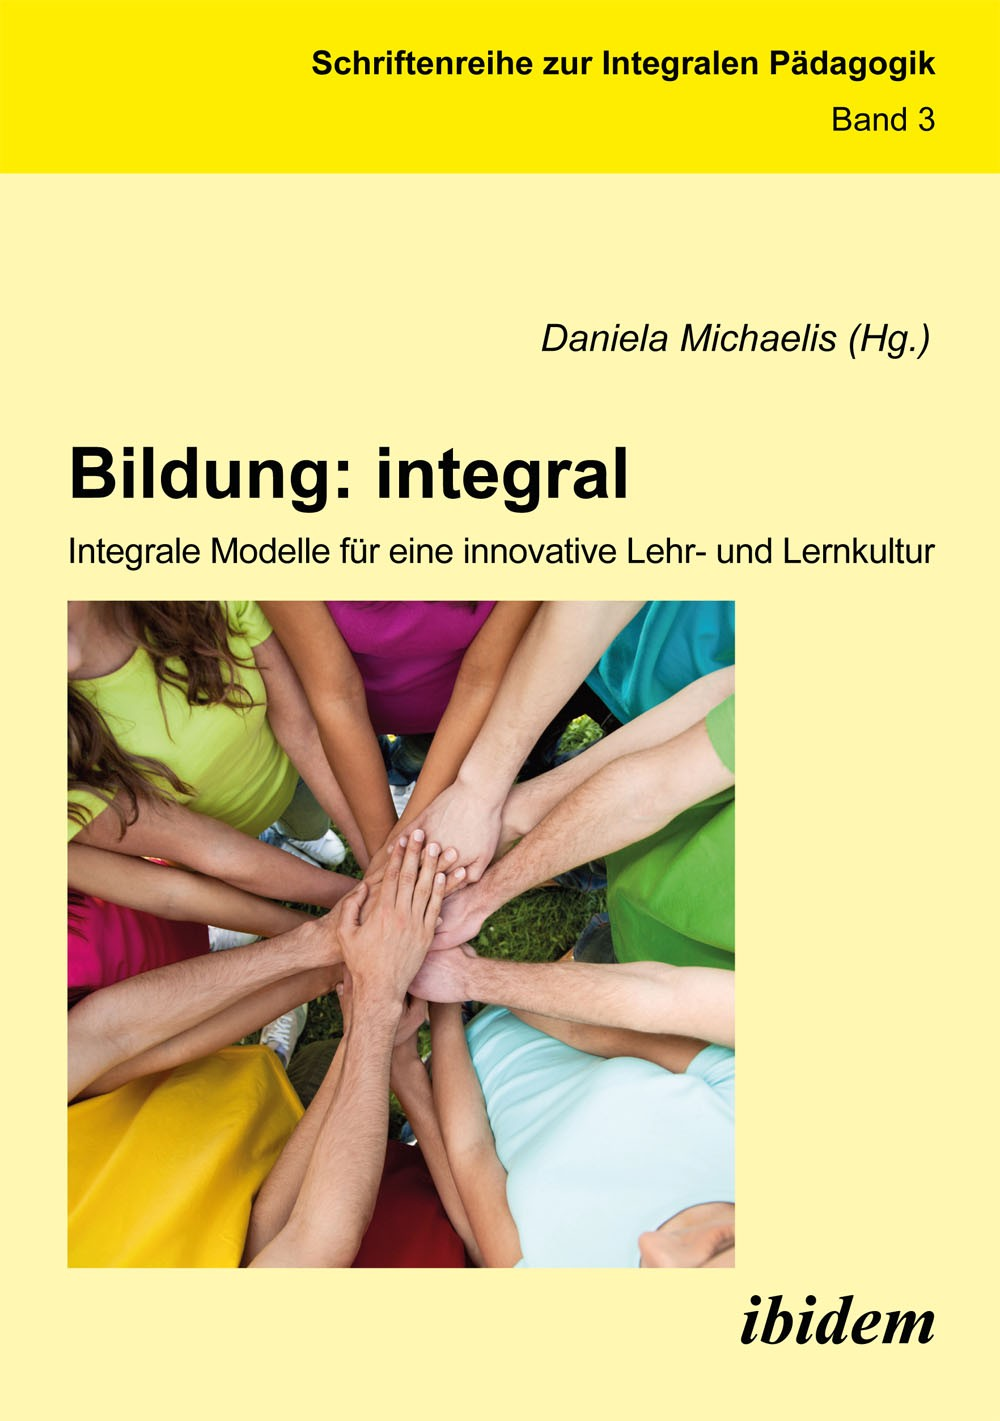 Bildung: integral. Integrale Modelle für eine innovative Lehr- und Lernkultur